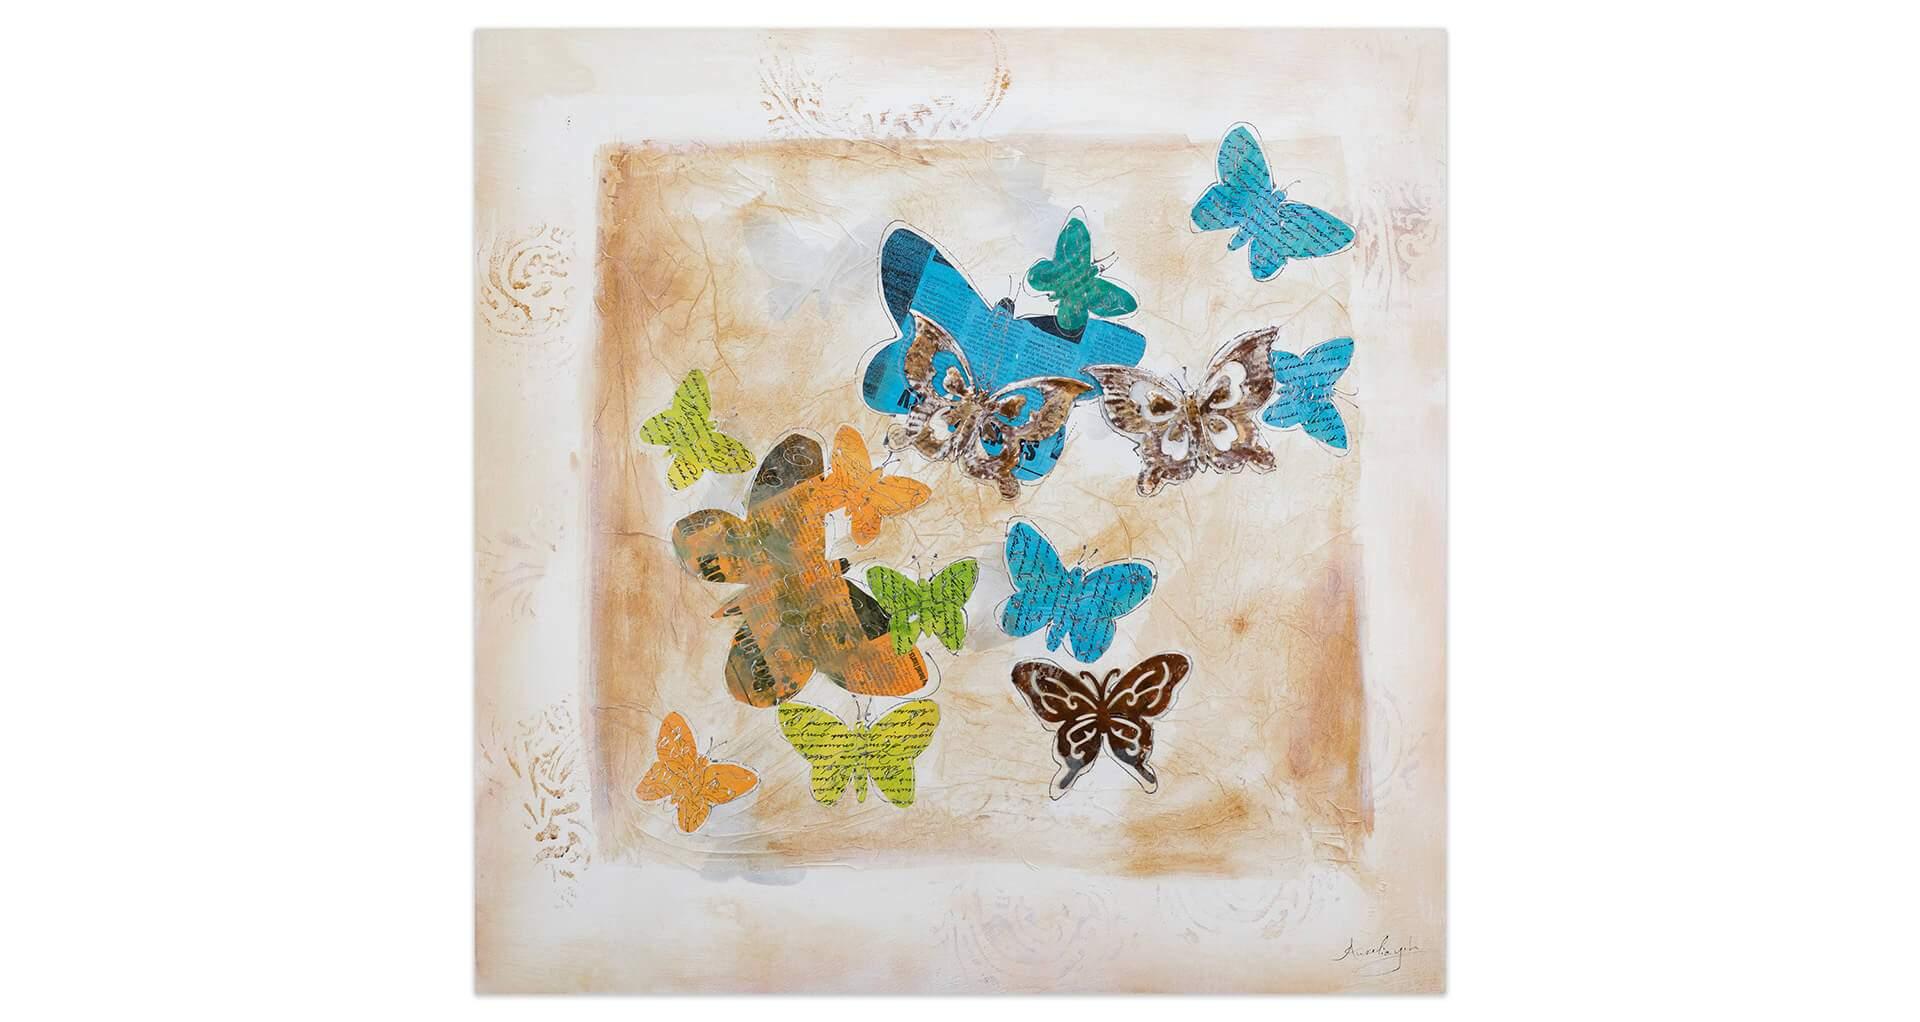 kl schmetterling wanddeko deko vintage abstrakt modern acryl gemaelde oel bild 01